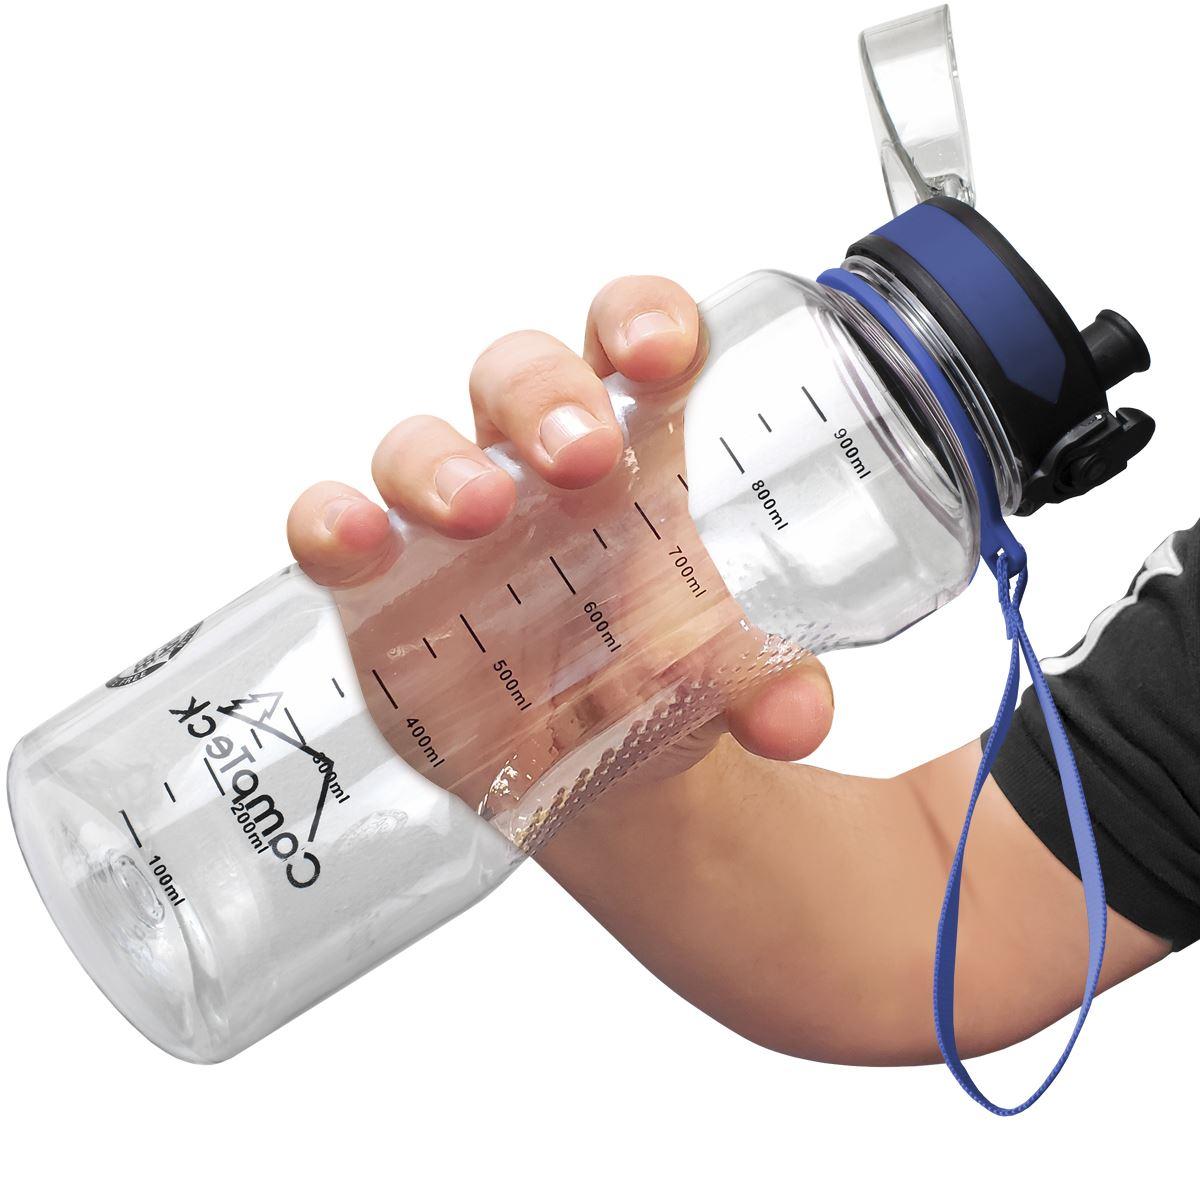 Sports-1-Litre-Water-Bottle-1000ml-BPA-Free-Leak-Proof-Drinks-Flip-Lock-Lid thumbnail 4